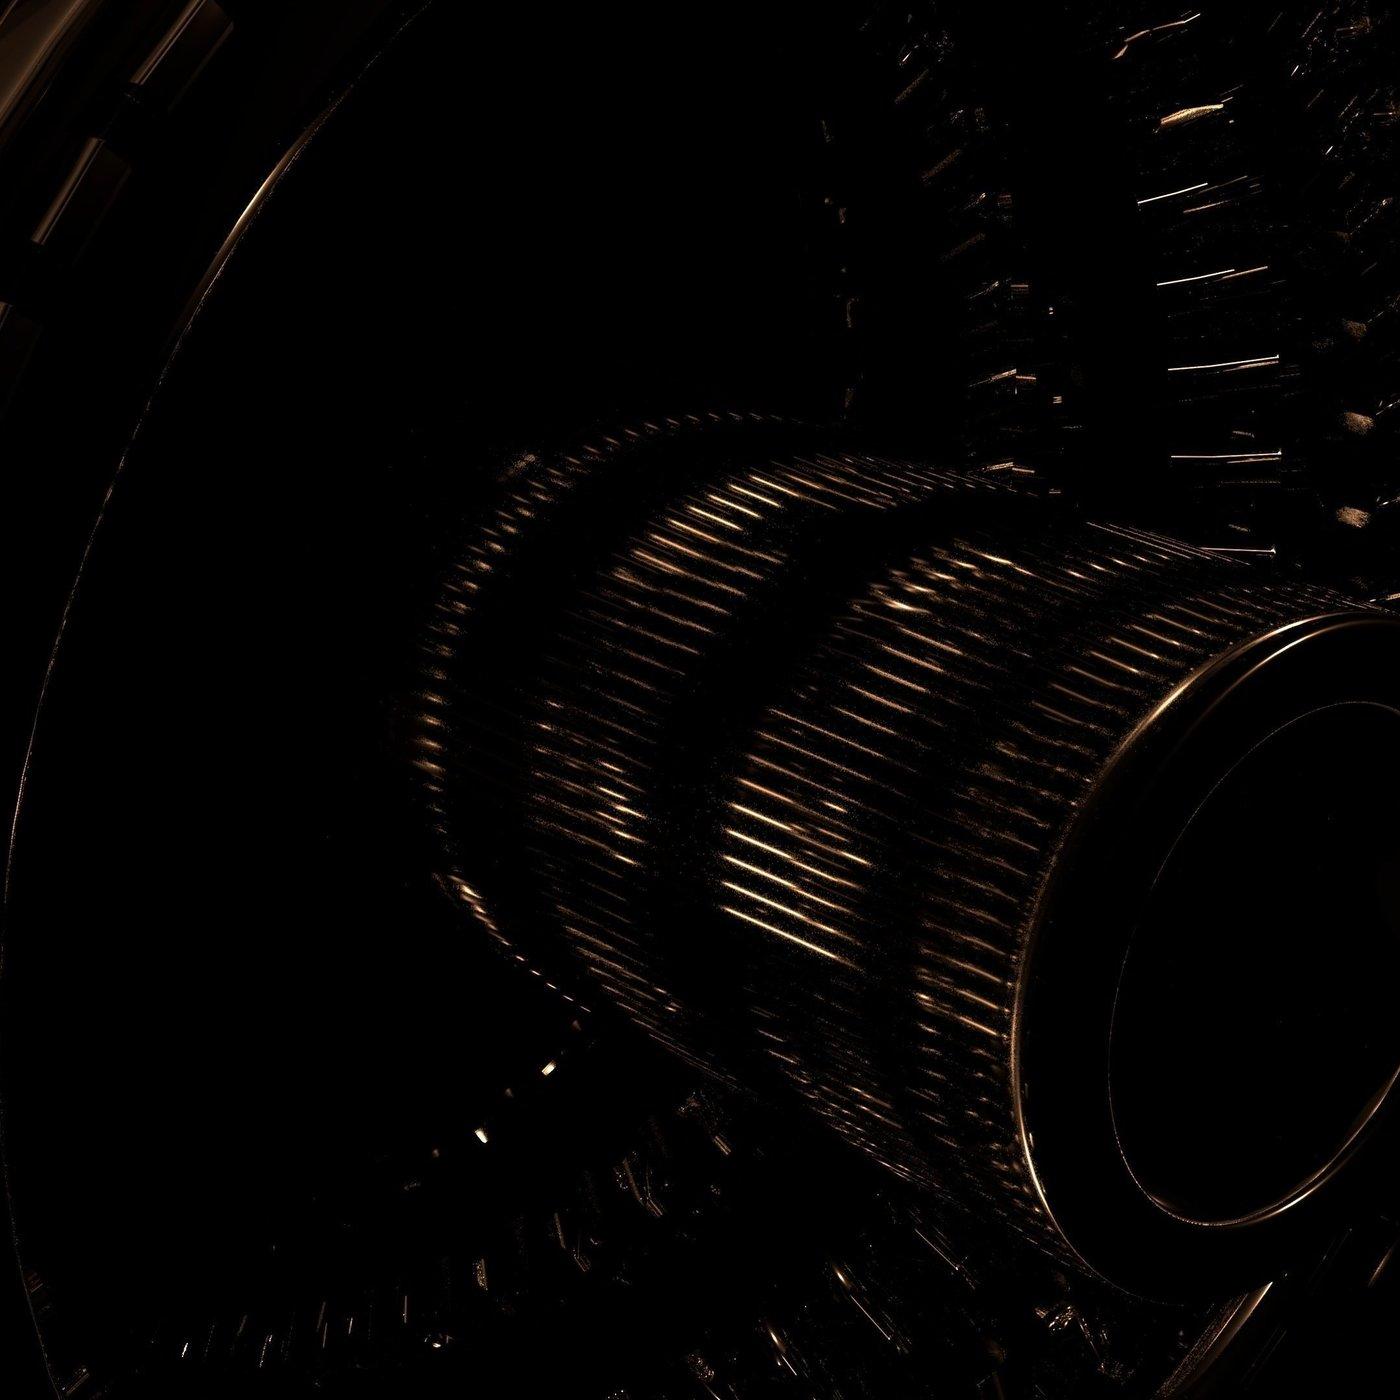 Sci-Fi super wheel